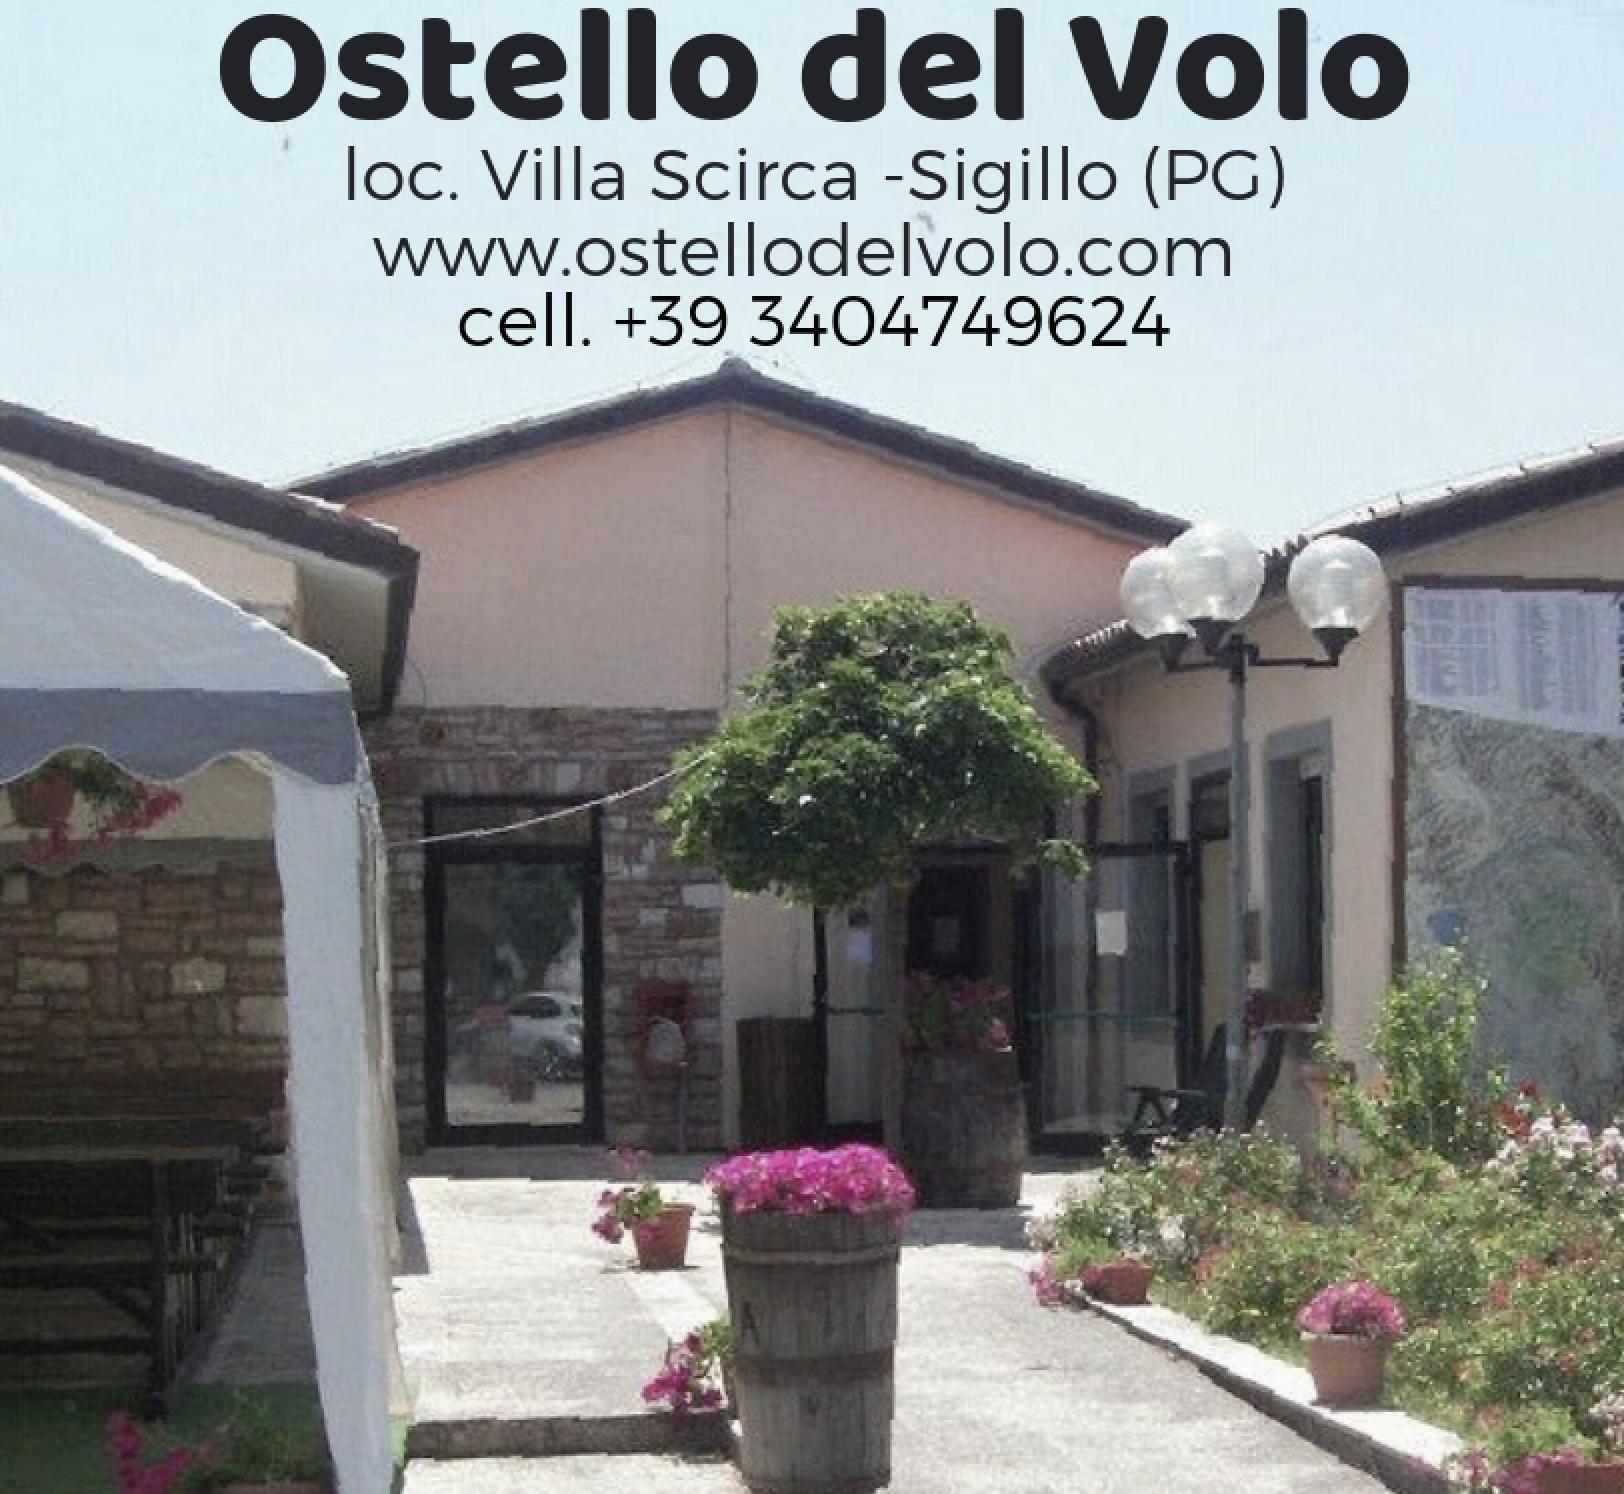 OSTELLO DEL VOLO - Loc. Villa Scirca - SIGILLO (Pg)Tel. +39 340.4749624www.ostellodelvolo.com - info@ostellodelvolo.com